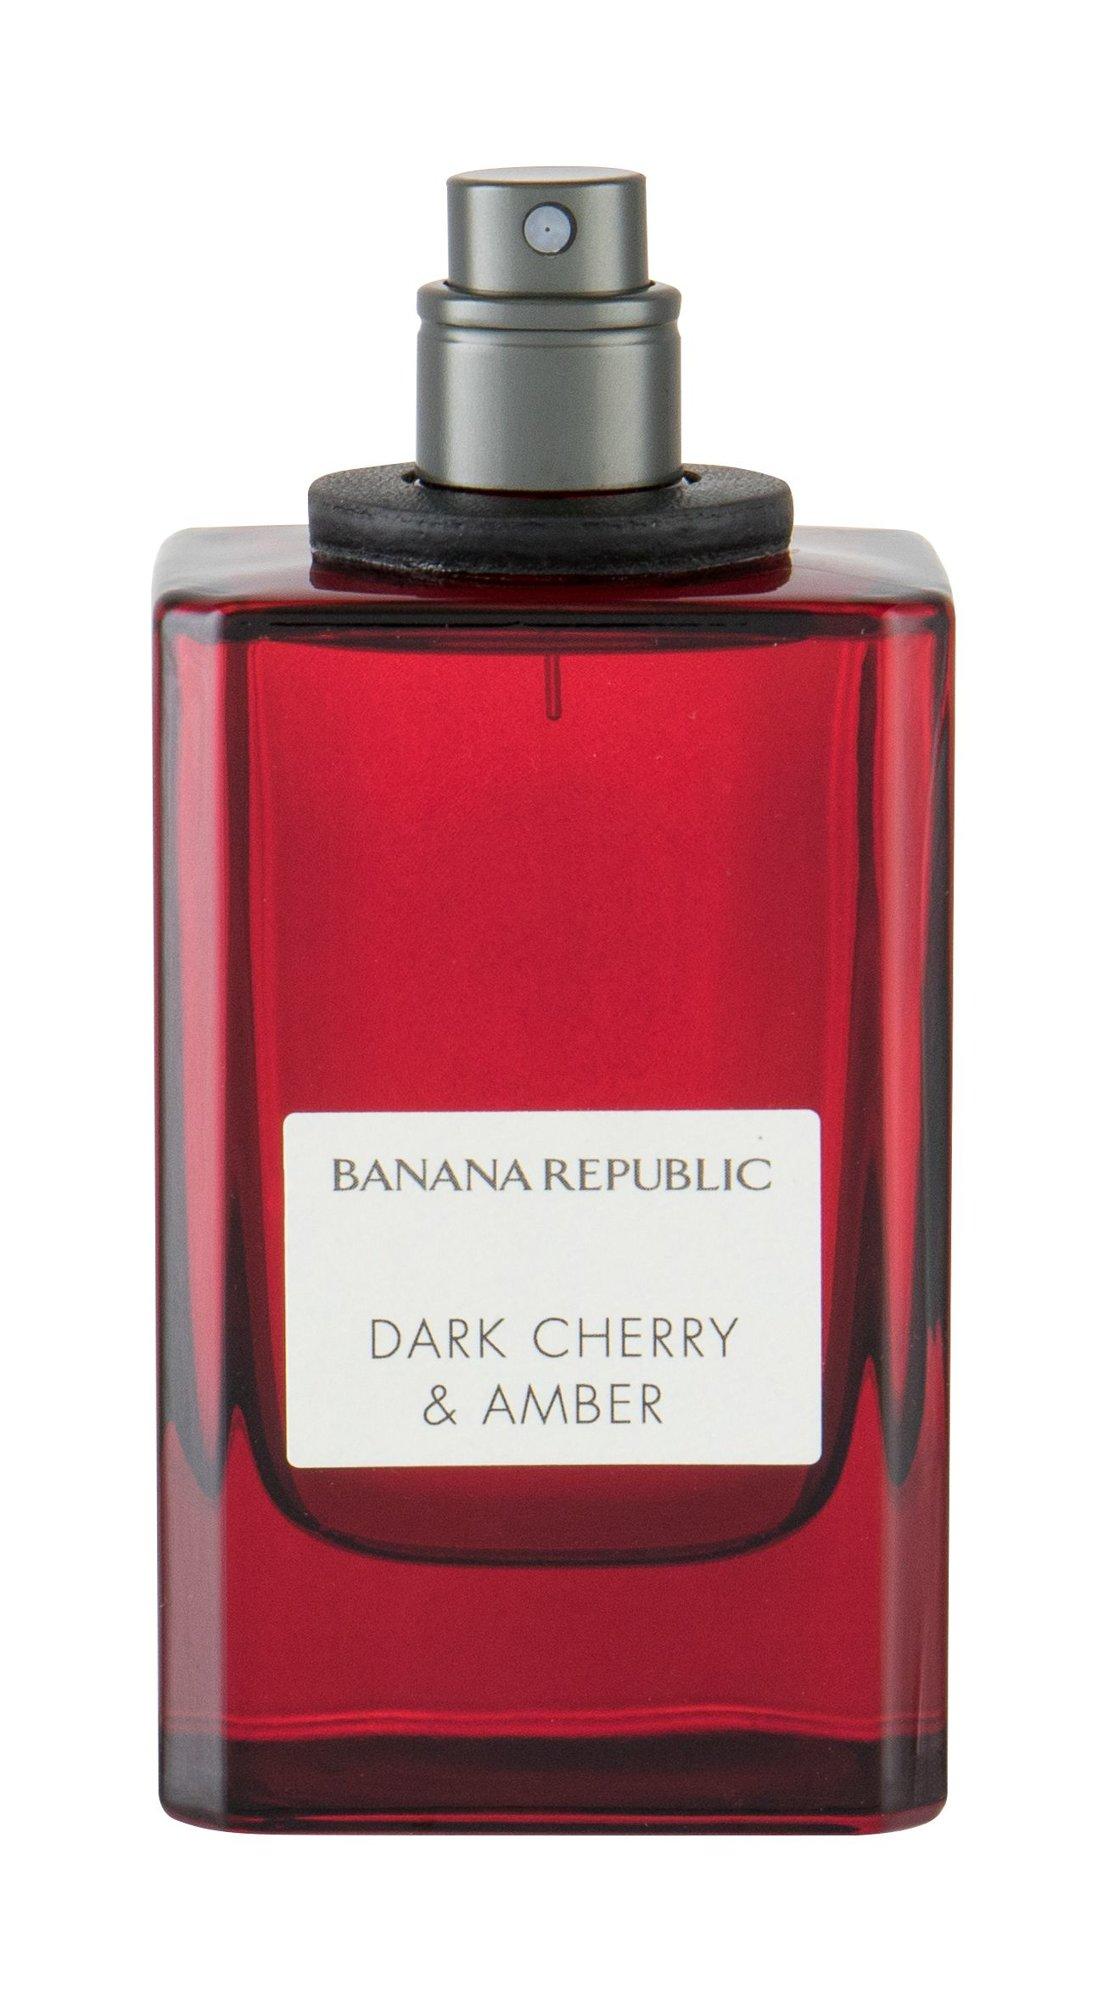 Banana Republic Dark Cherry & Amber Eau de Parfum 75ml